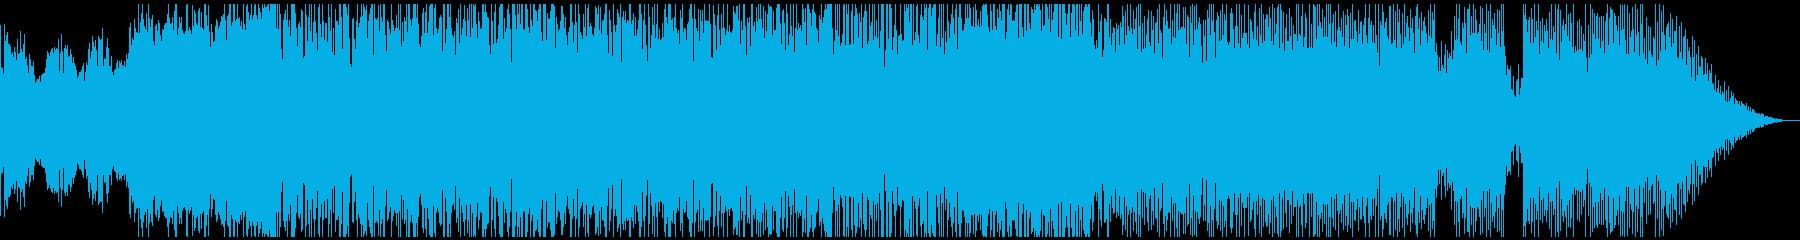 エイリアンによる侵攻の再生済みの波形